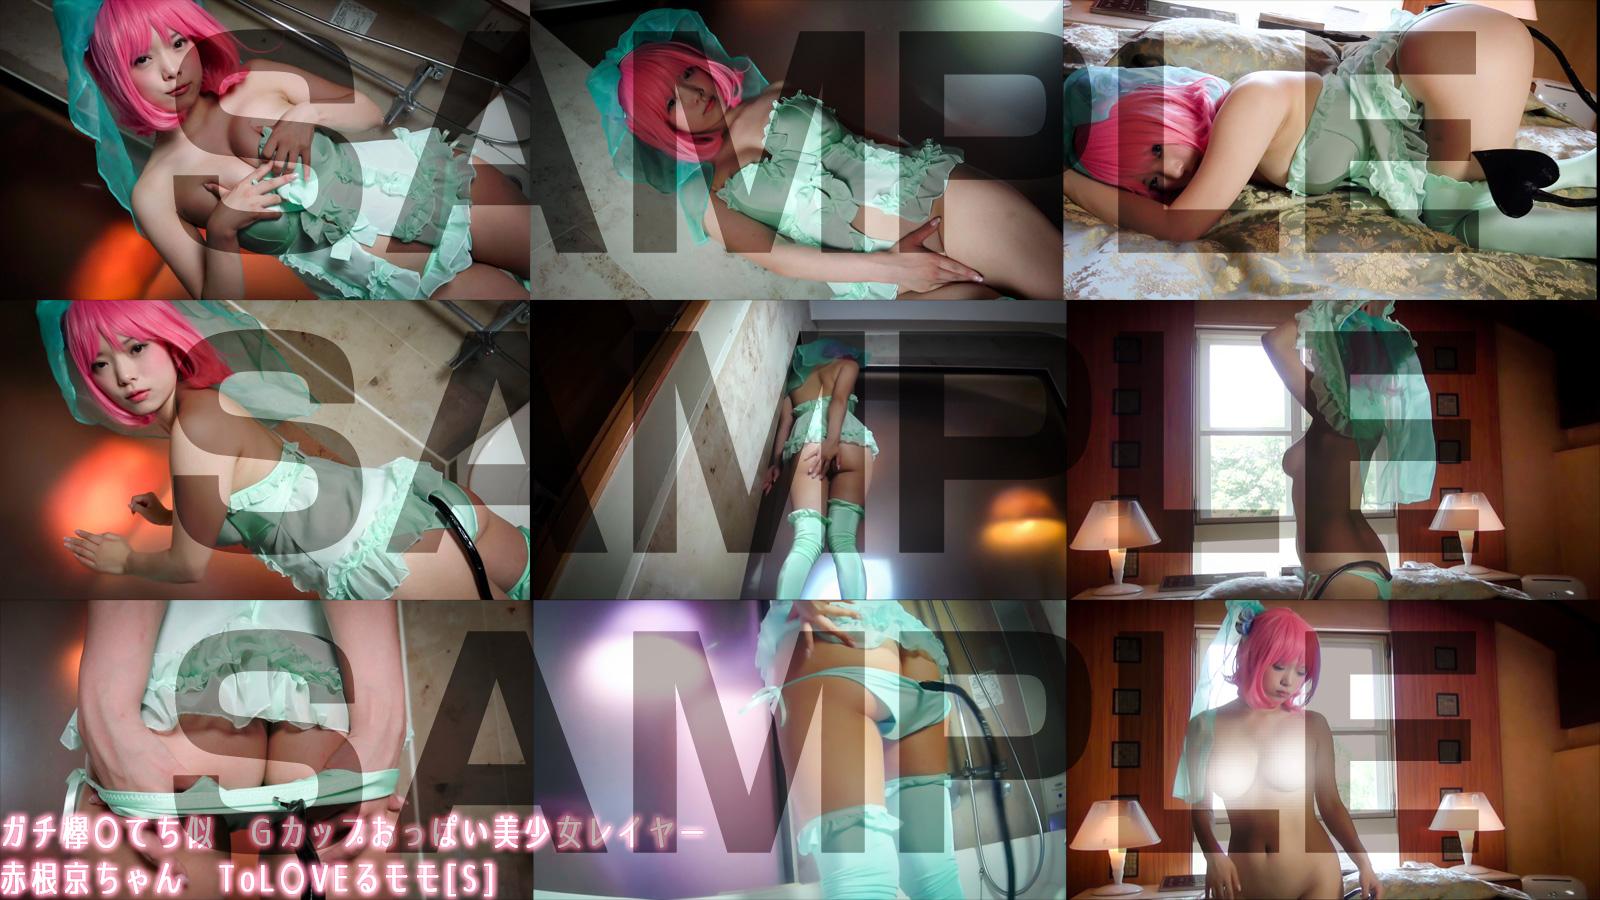 画像,ガチ欅〇てち似 Gカップおっぱい美少女レイヤー赤根京ちゃん ToL〇VEるモモ[S] SEVEN D SISTERS。